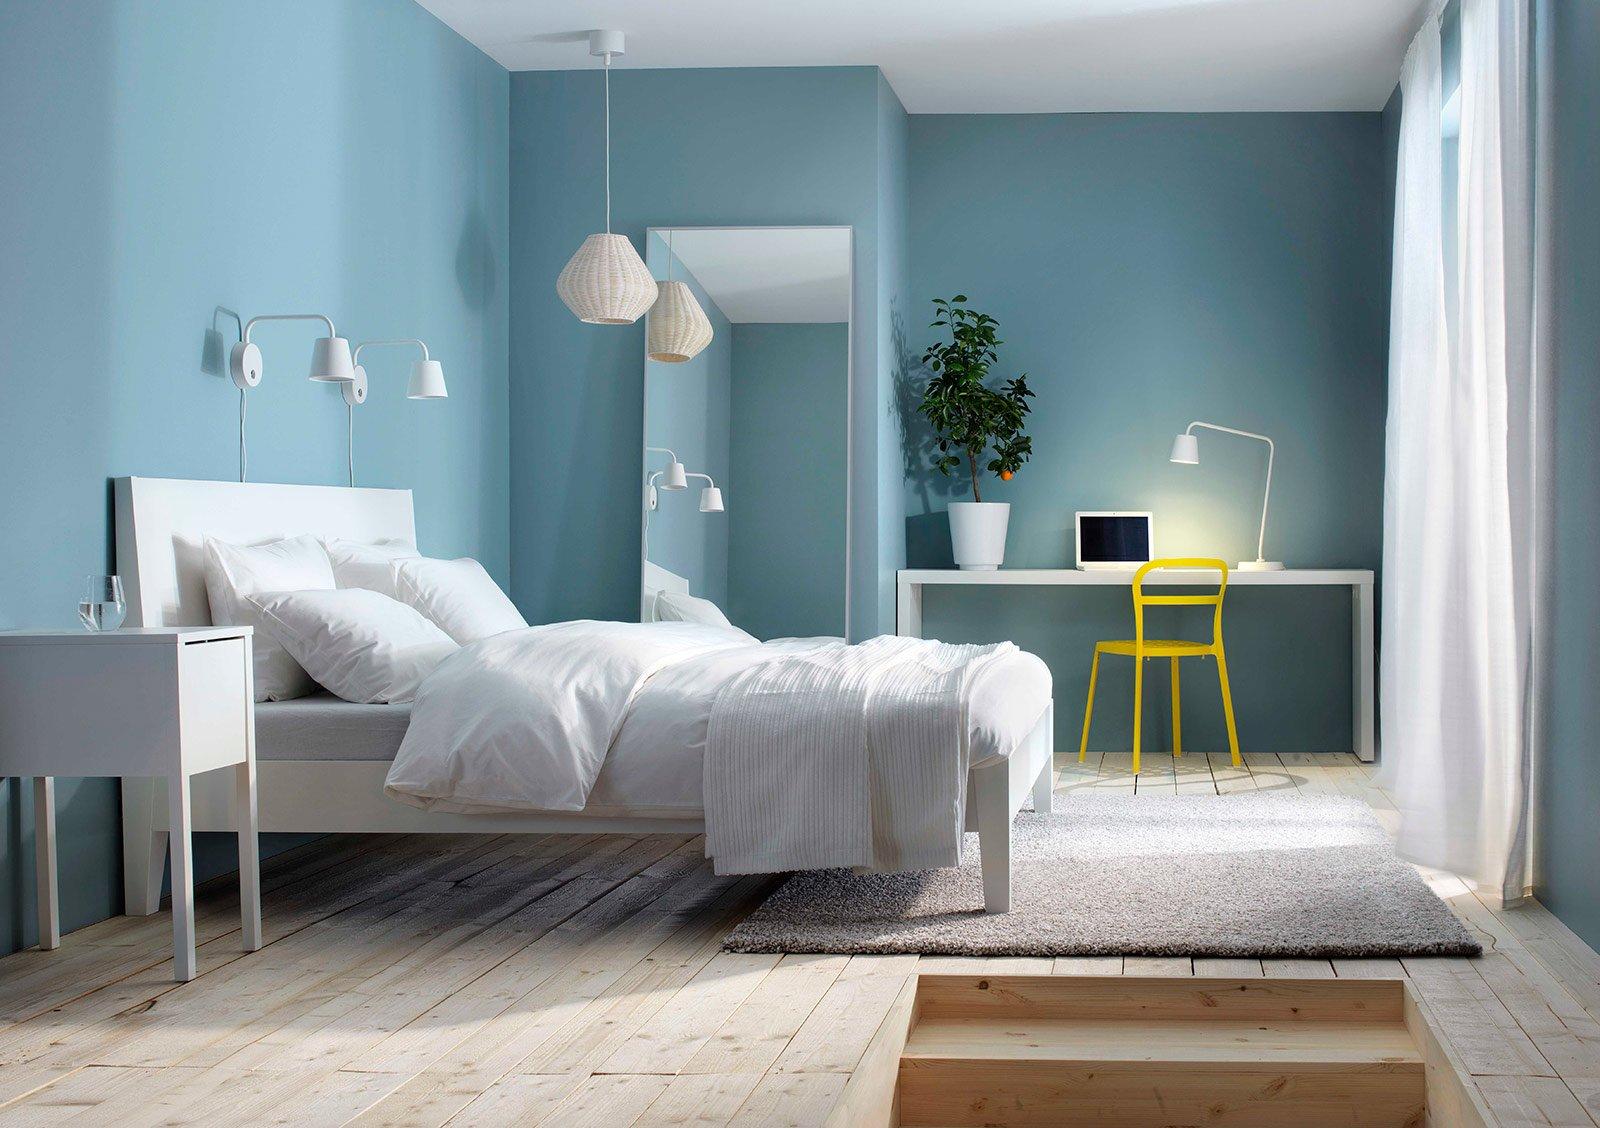 Camera da letto a tinte chiare cose di casa - Camera da letto moderna ikea ...